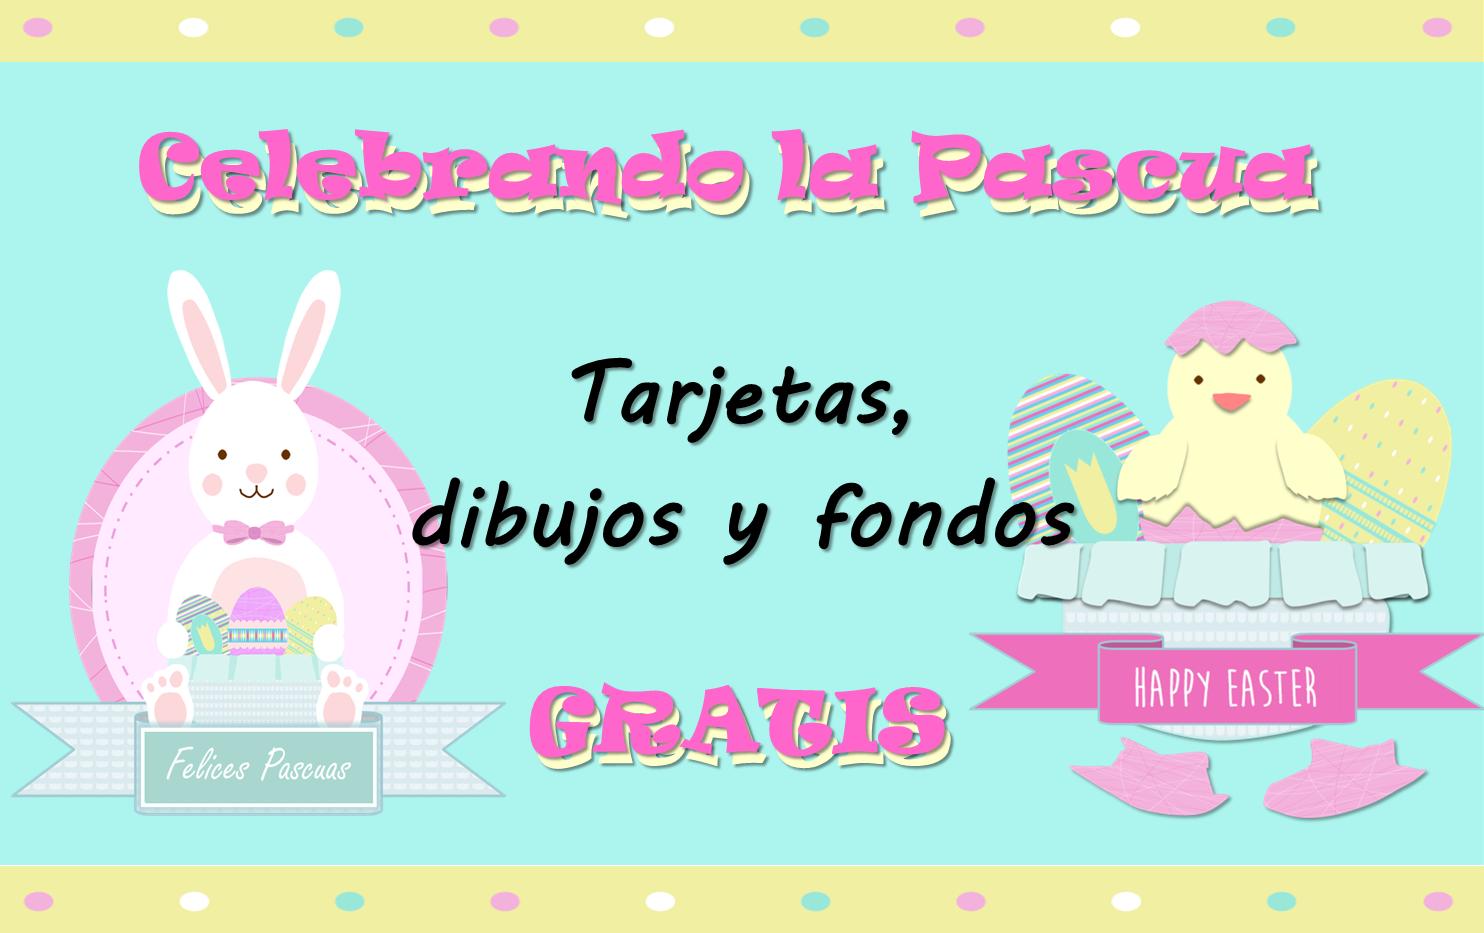 Fondos, papeles, tarjetas de felicitación, dibujos de conejo y huevos de Pascua gratis para scrapbook digital, manualidades, celebraciones